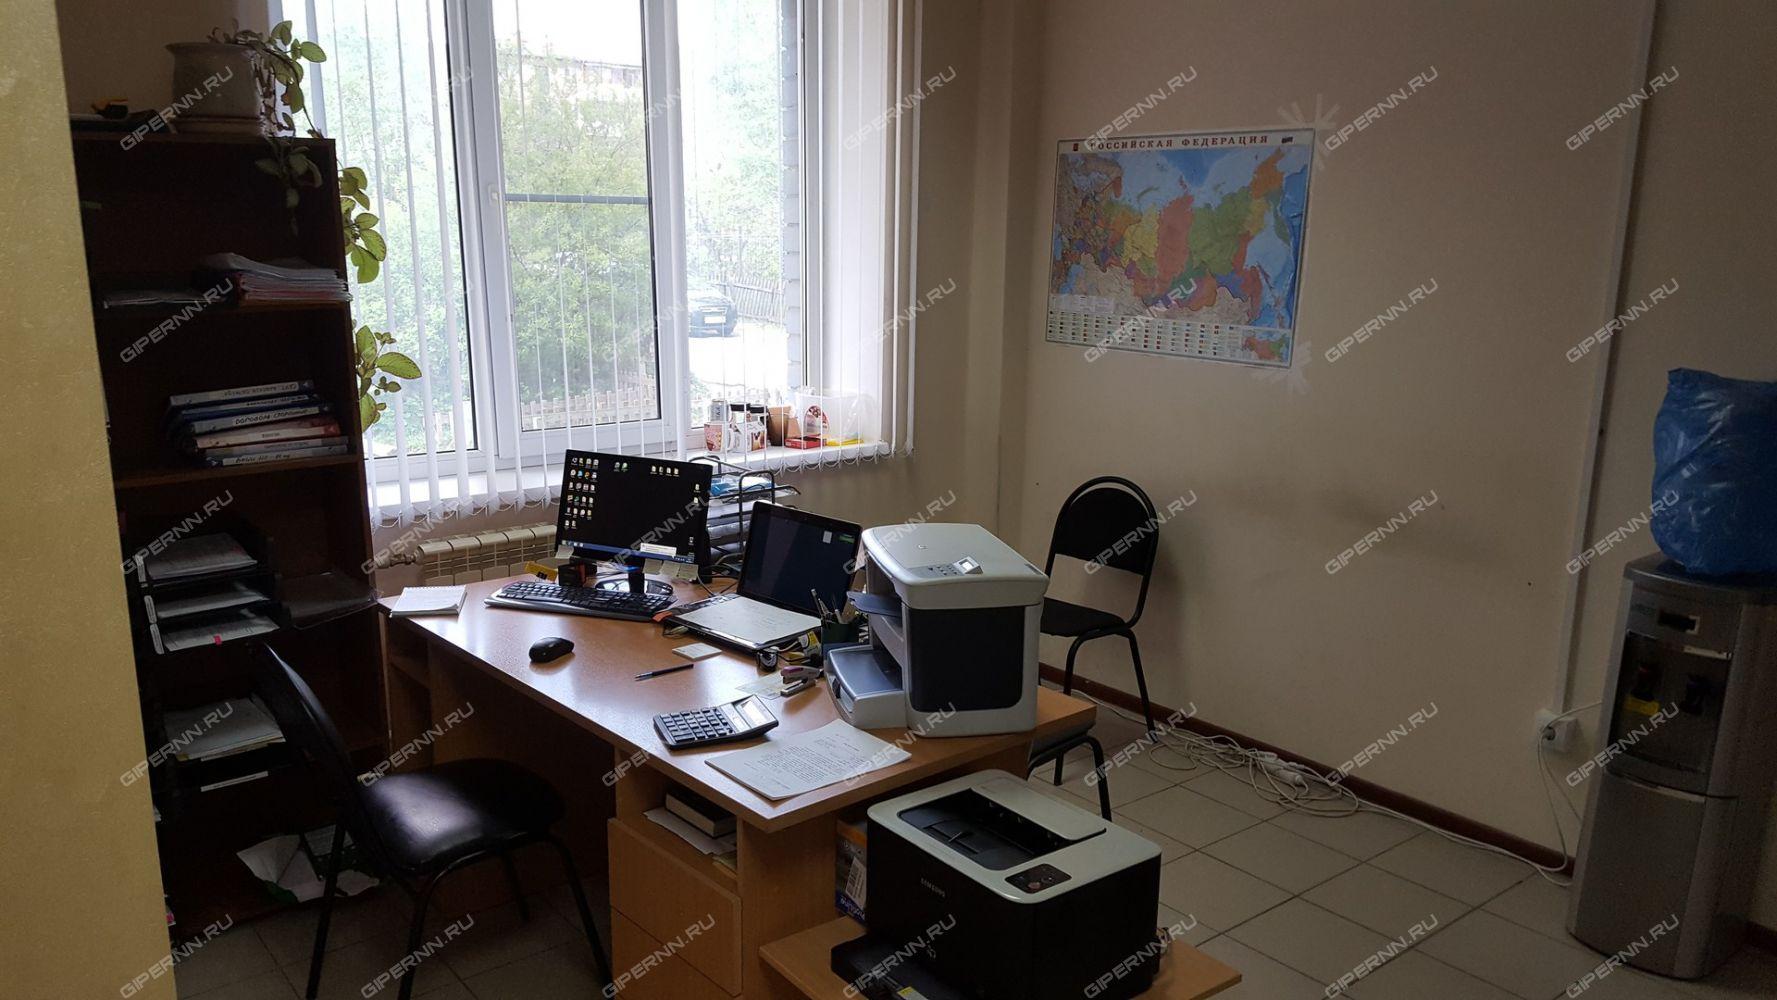 Аренда офиса в дзержинске нижегородской области найти помещение под офис Хромова улица